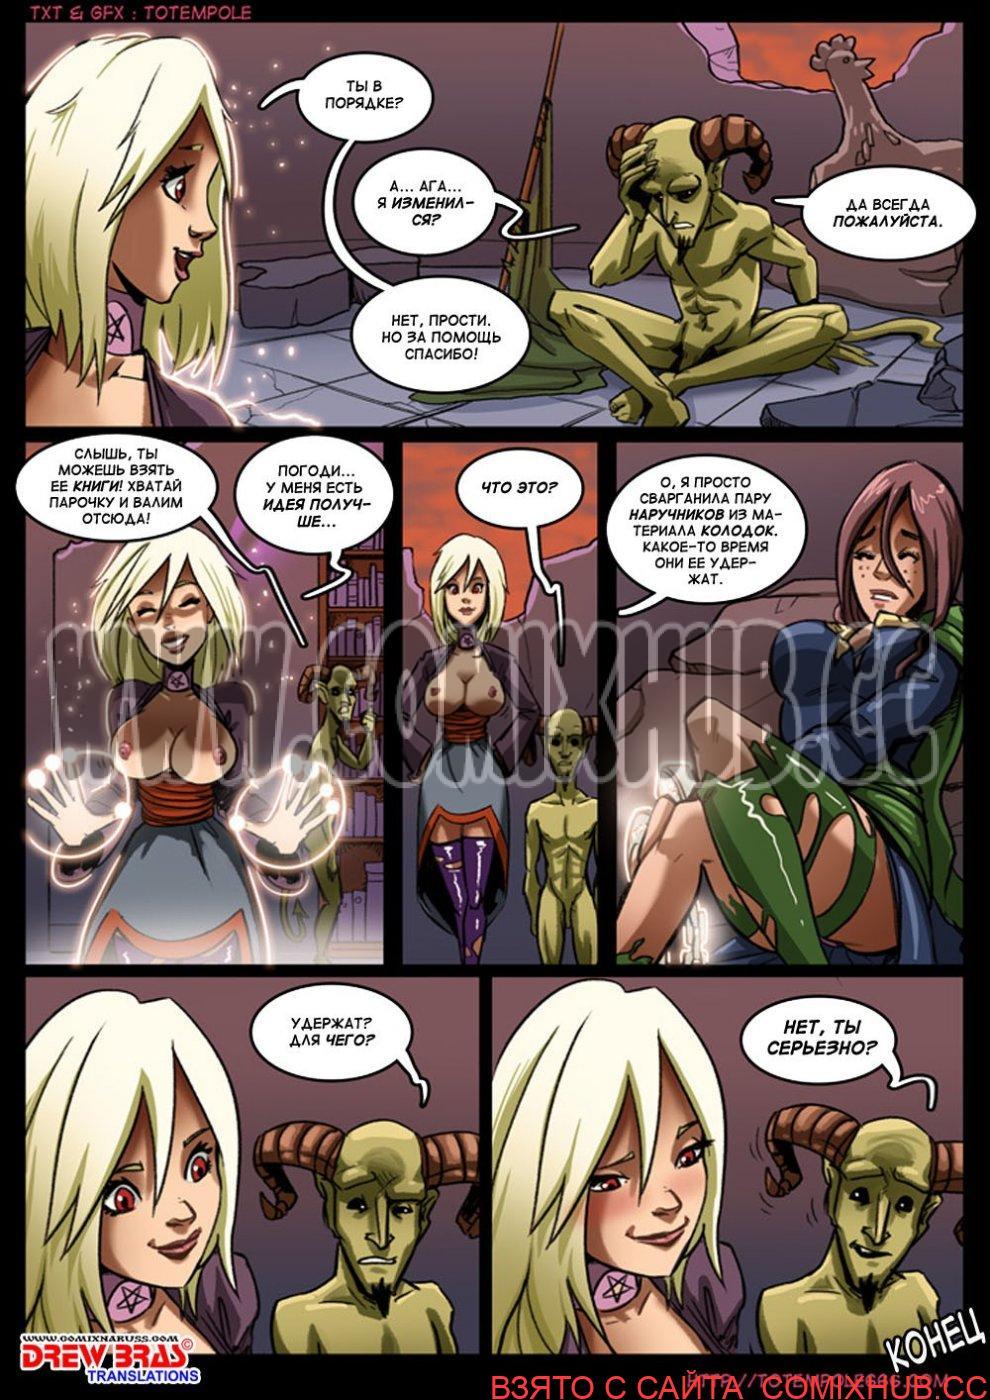 Волшебница 3 Без цензуры, Анал, Мастурбация, Насилие, Порно комиксы